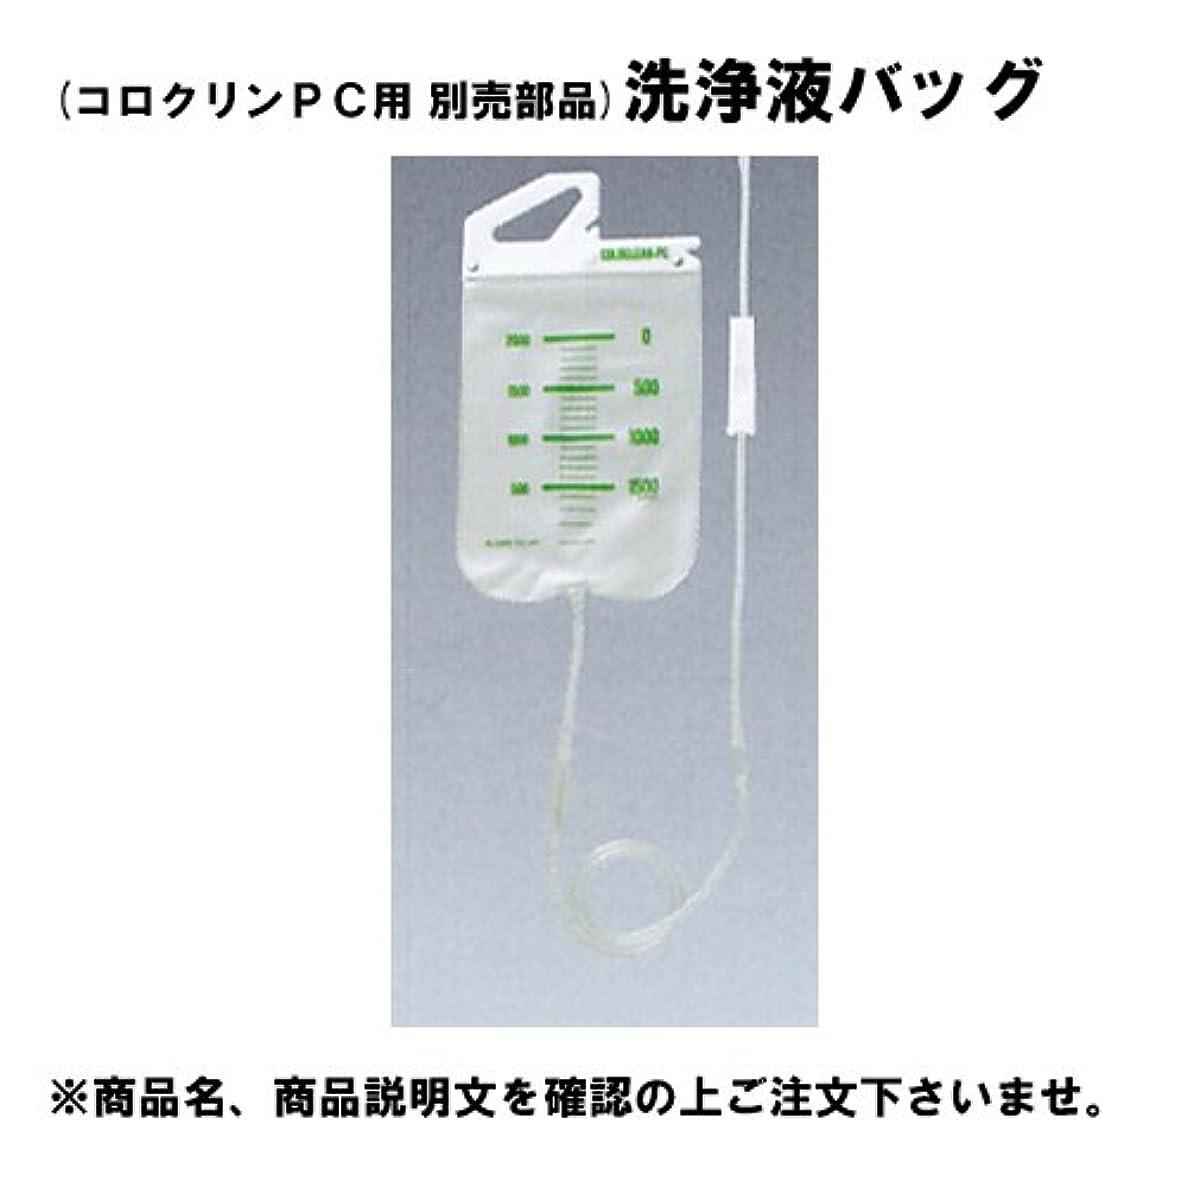 裁量最初は取り壊す〔アルケア〕コロクリンPC用部品 洗浄液バッグ 容量2000ml(ロールクランプ付)×1個入〔品番:13411〕